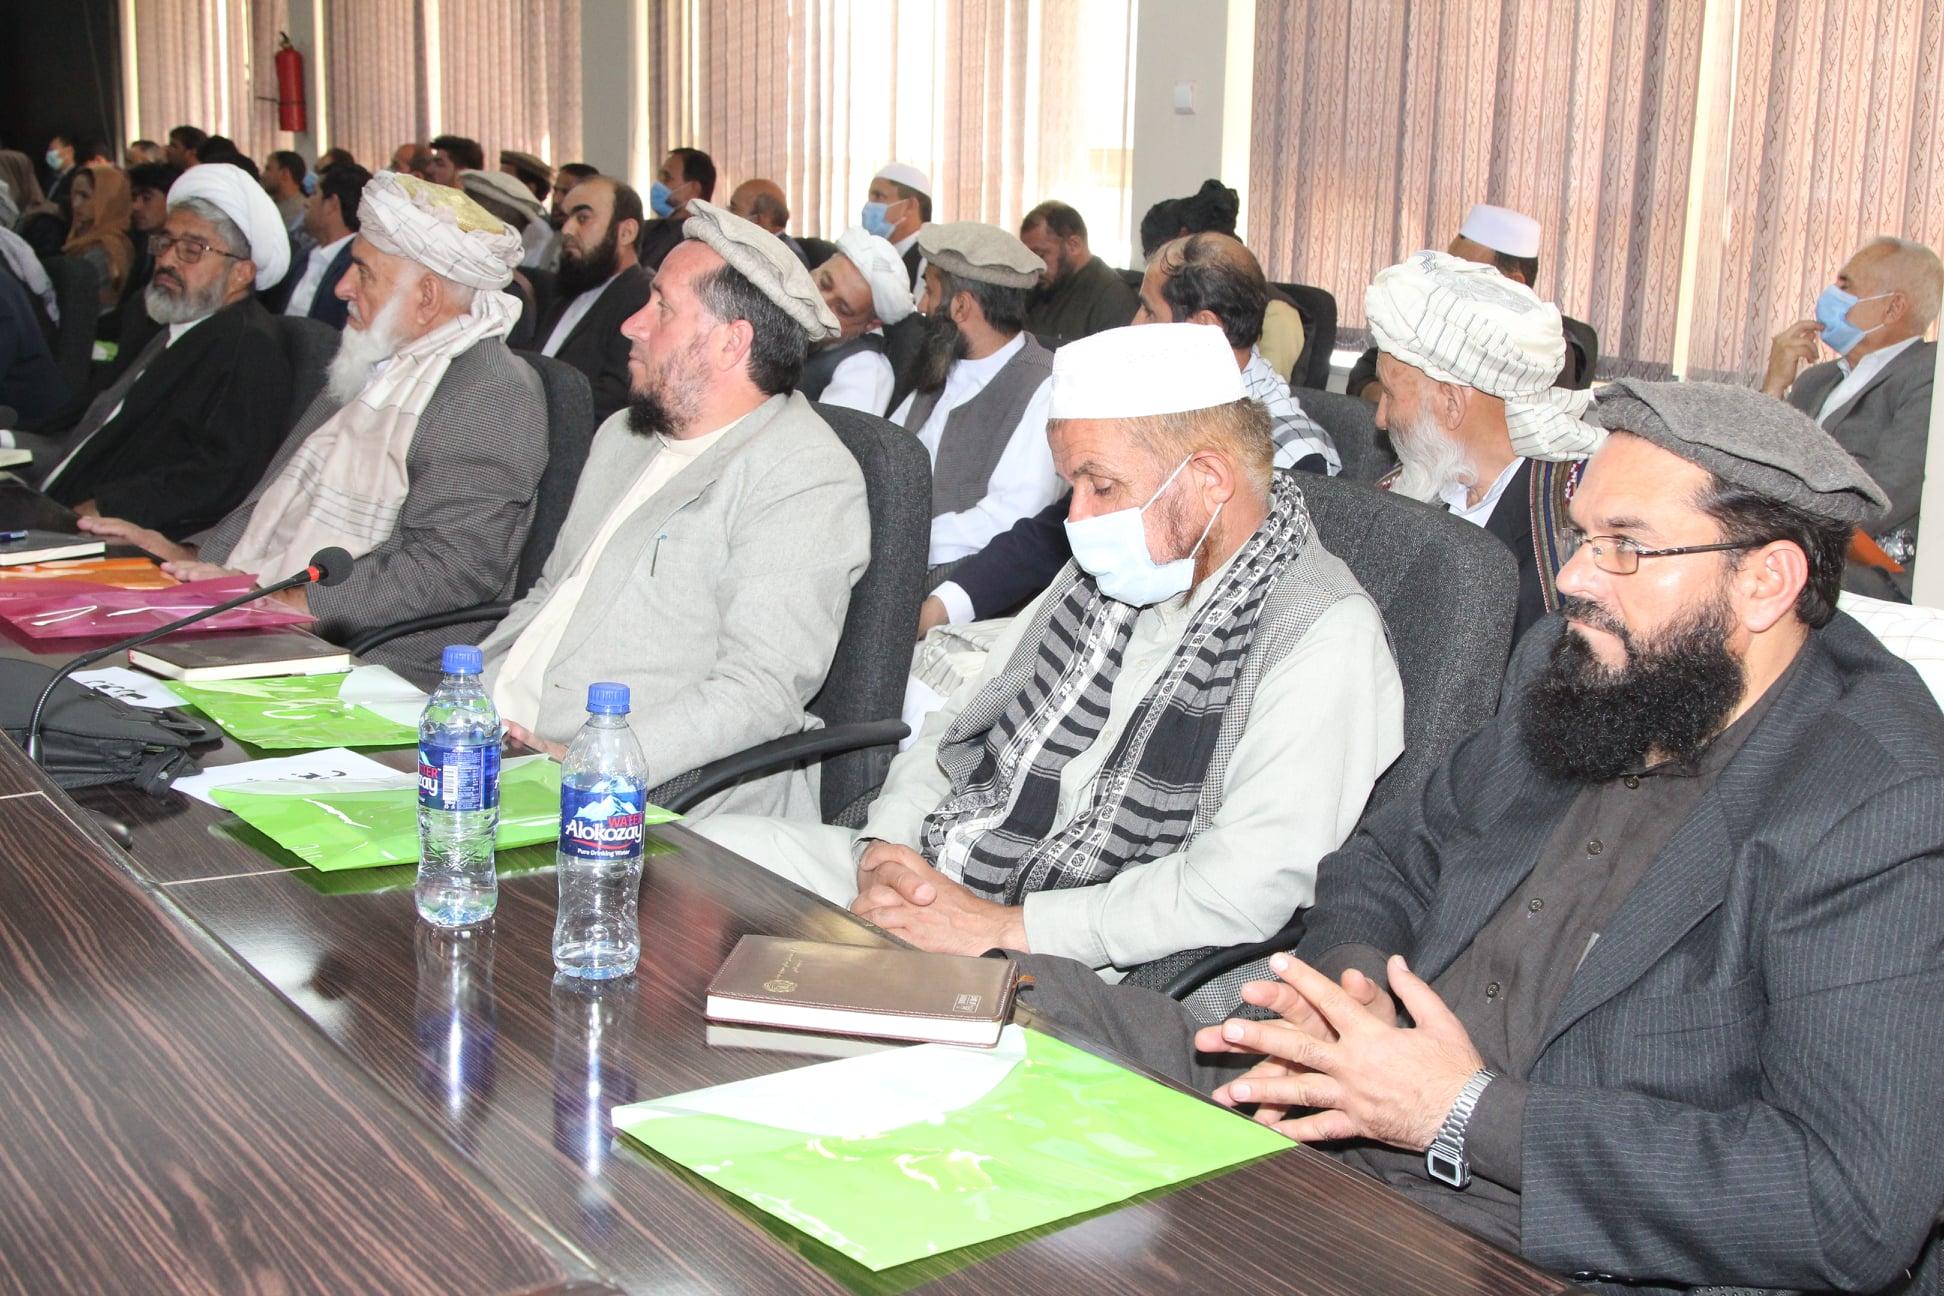 سیمینار علمی – تحقیقی «اسلام دین اعتدال و میانه روی» برگزار گردید